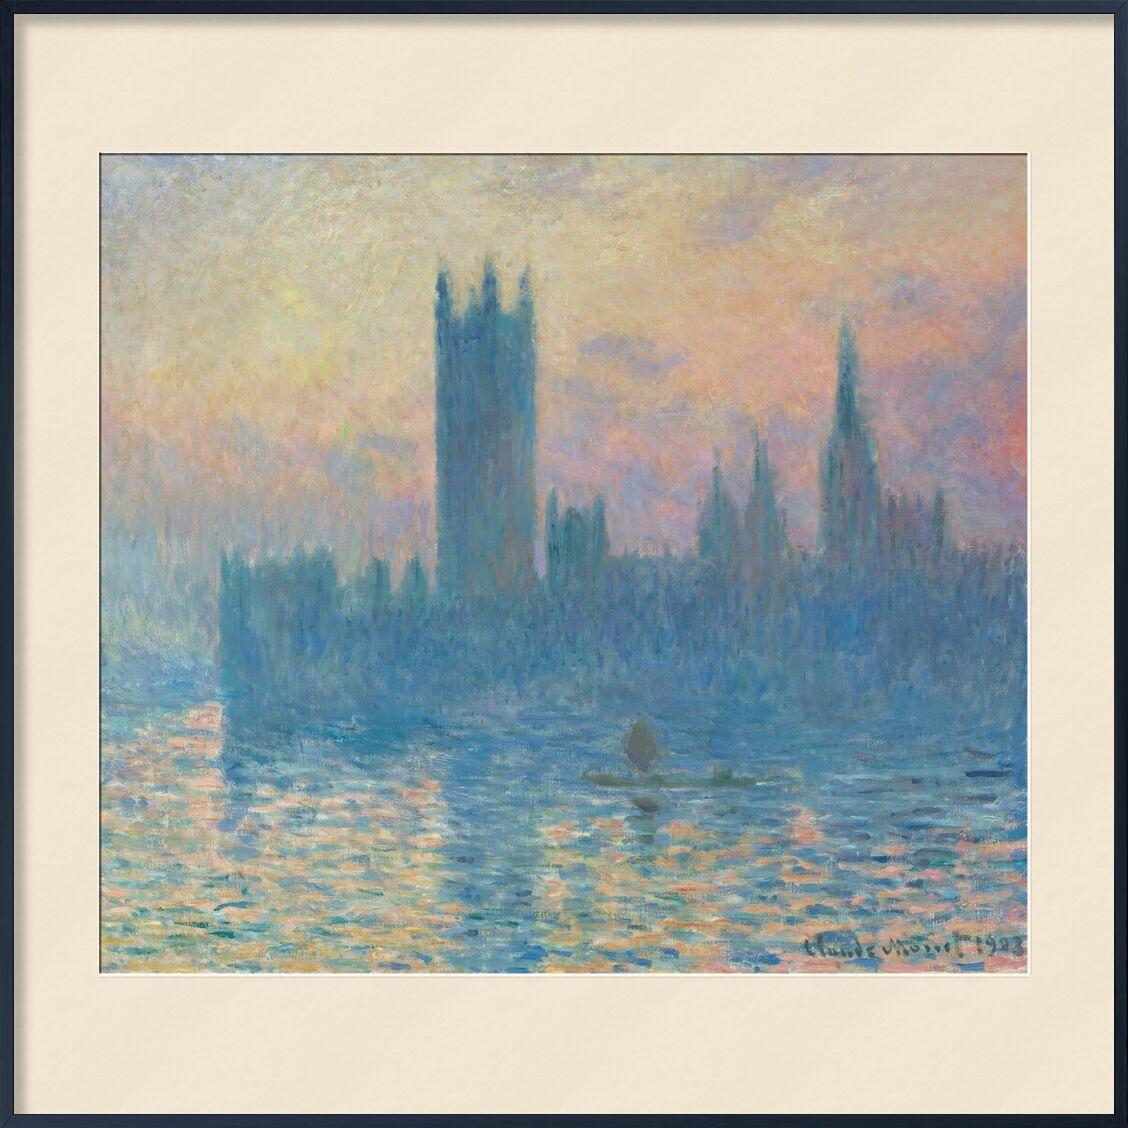 Houses of Parliament, London - CLAUDE MONET 1905 desde AUX BEAUX-ARTS, Prodi Art, CLAUDE MONE, parlamento de Londres, parlamento, capital, Thames, Londres, río